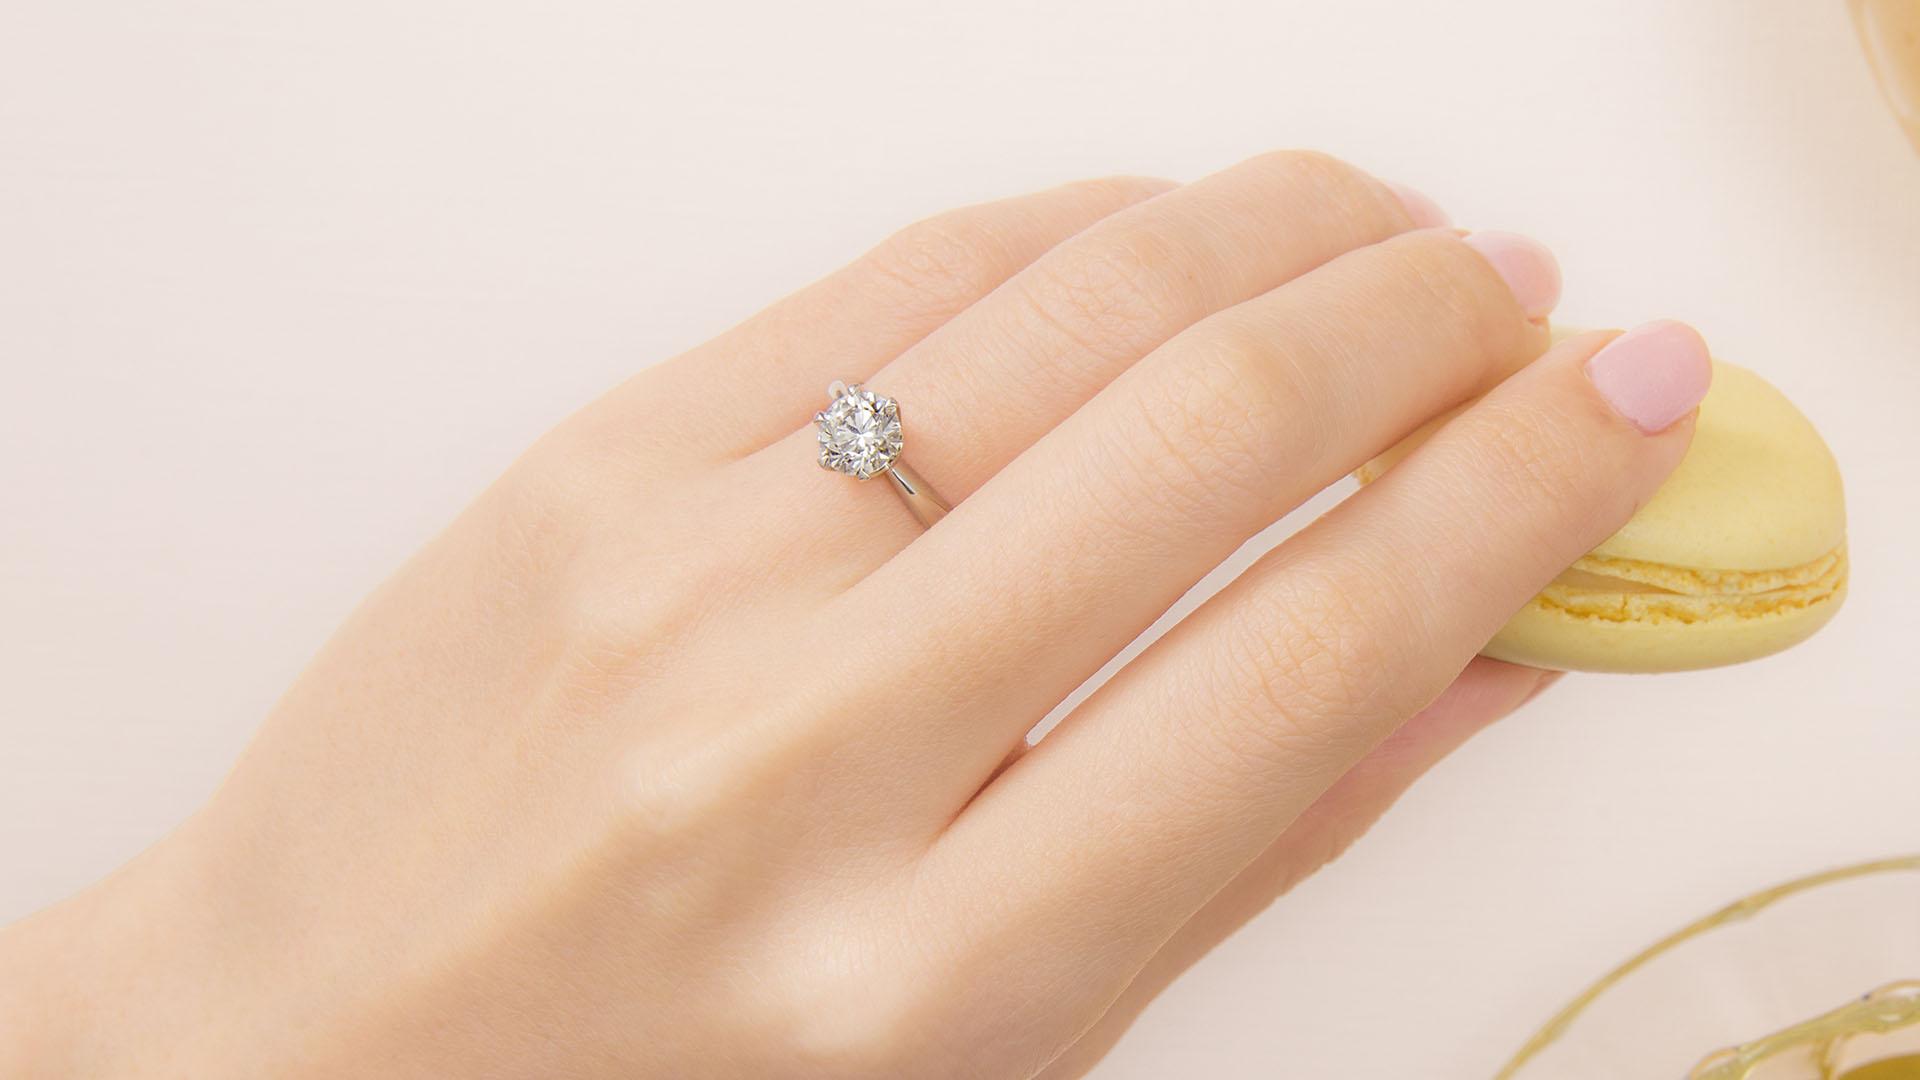 sirius シリウス | 婚約指輪サムネイル 3